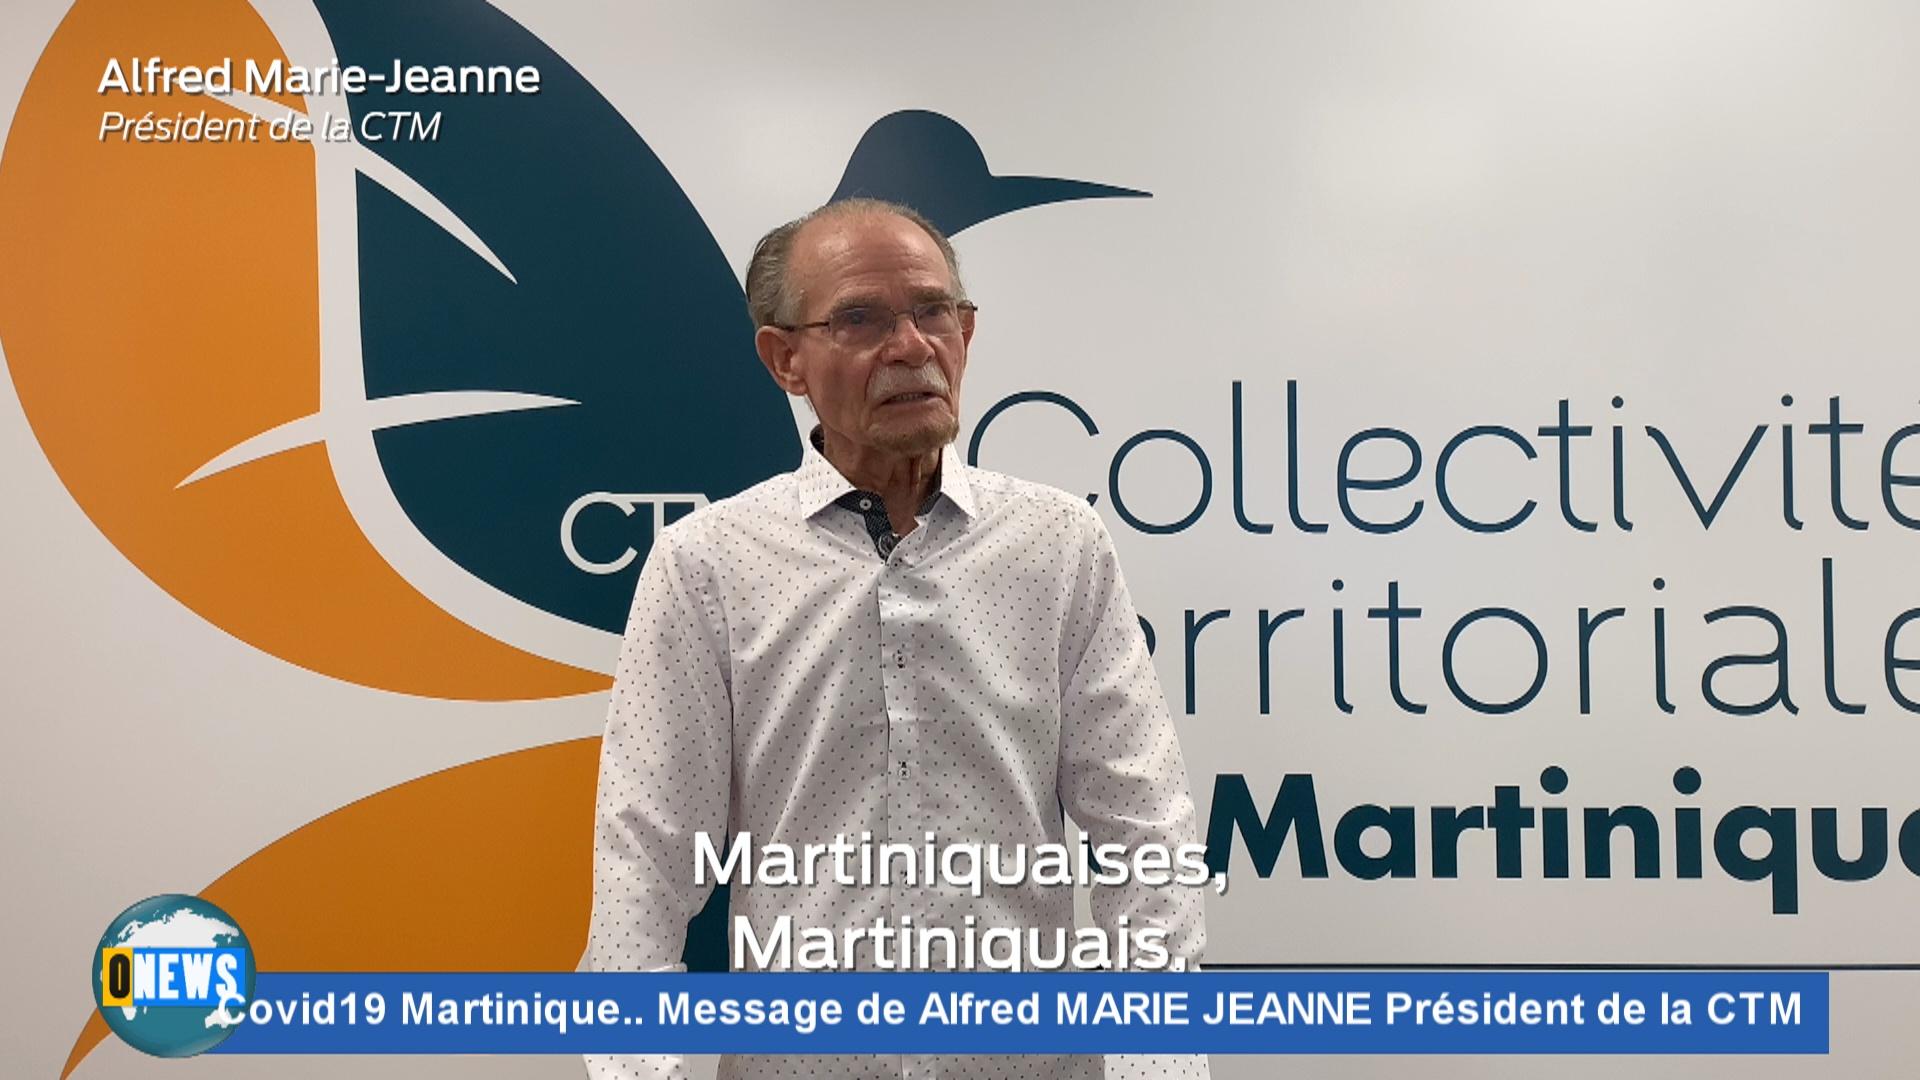 [Vidéo] Covid19 Martinique Message de Alfred MARIE JEANNE Président de la CTM